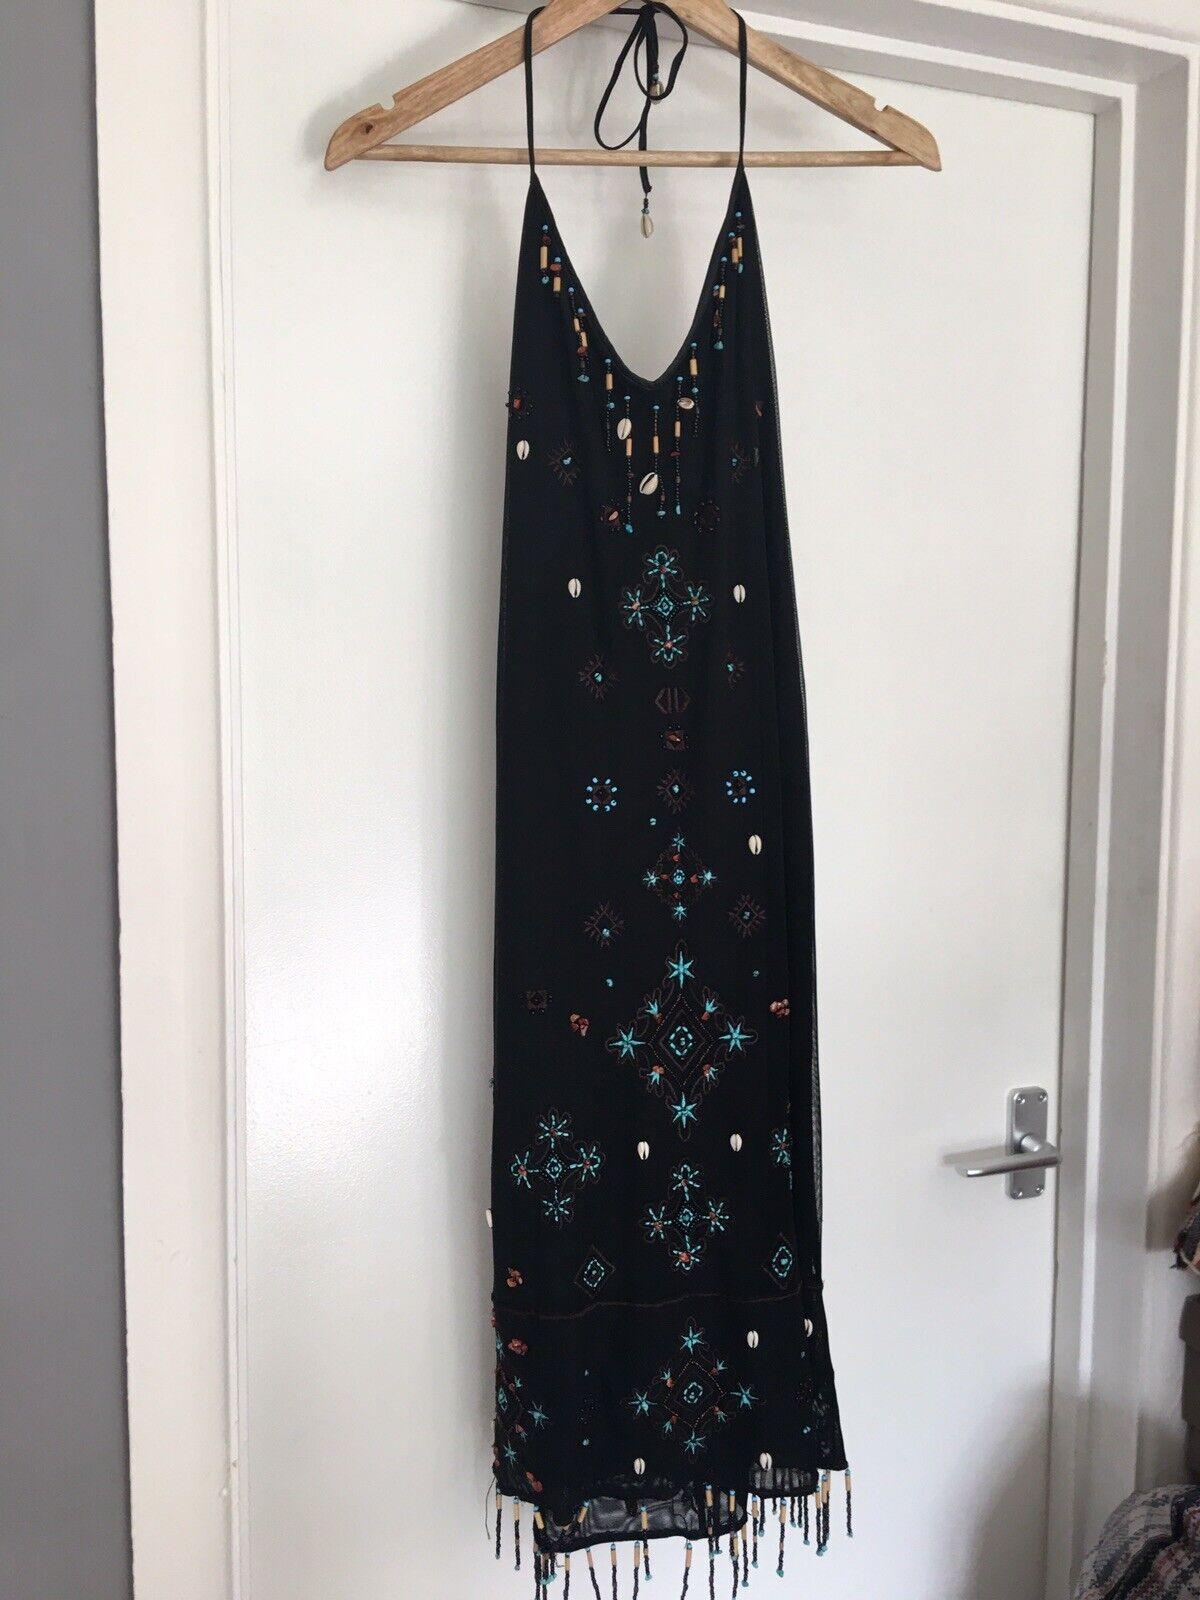 Karen Millen, Size 12 Dress